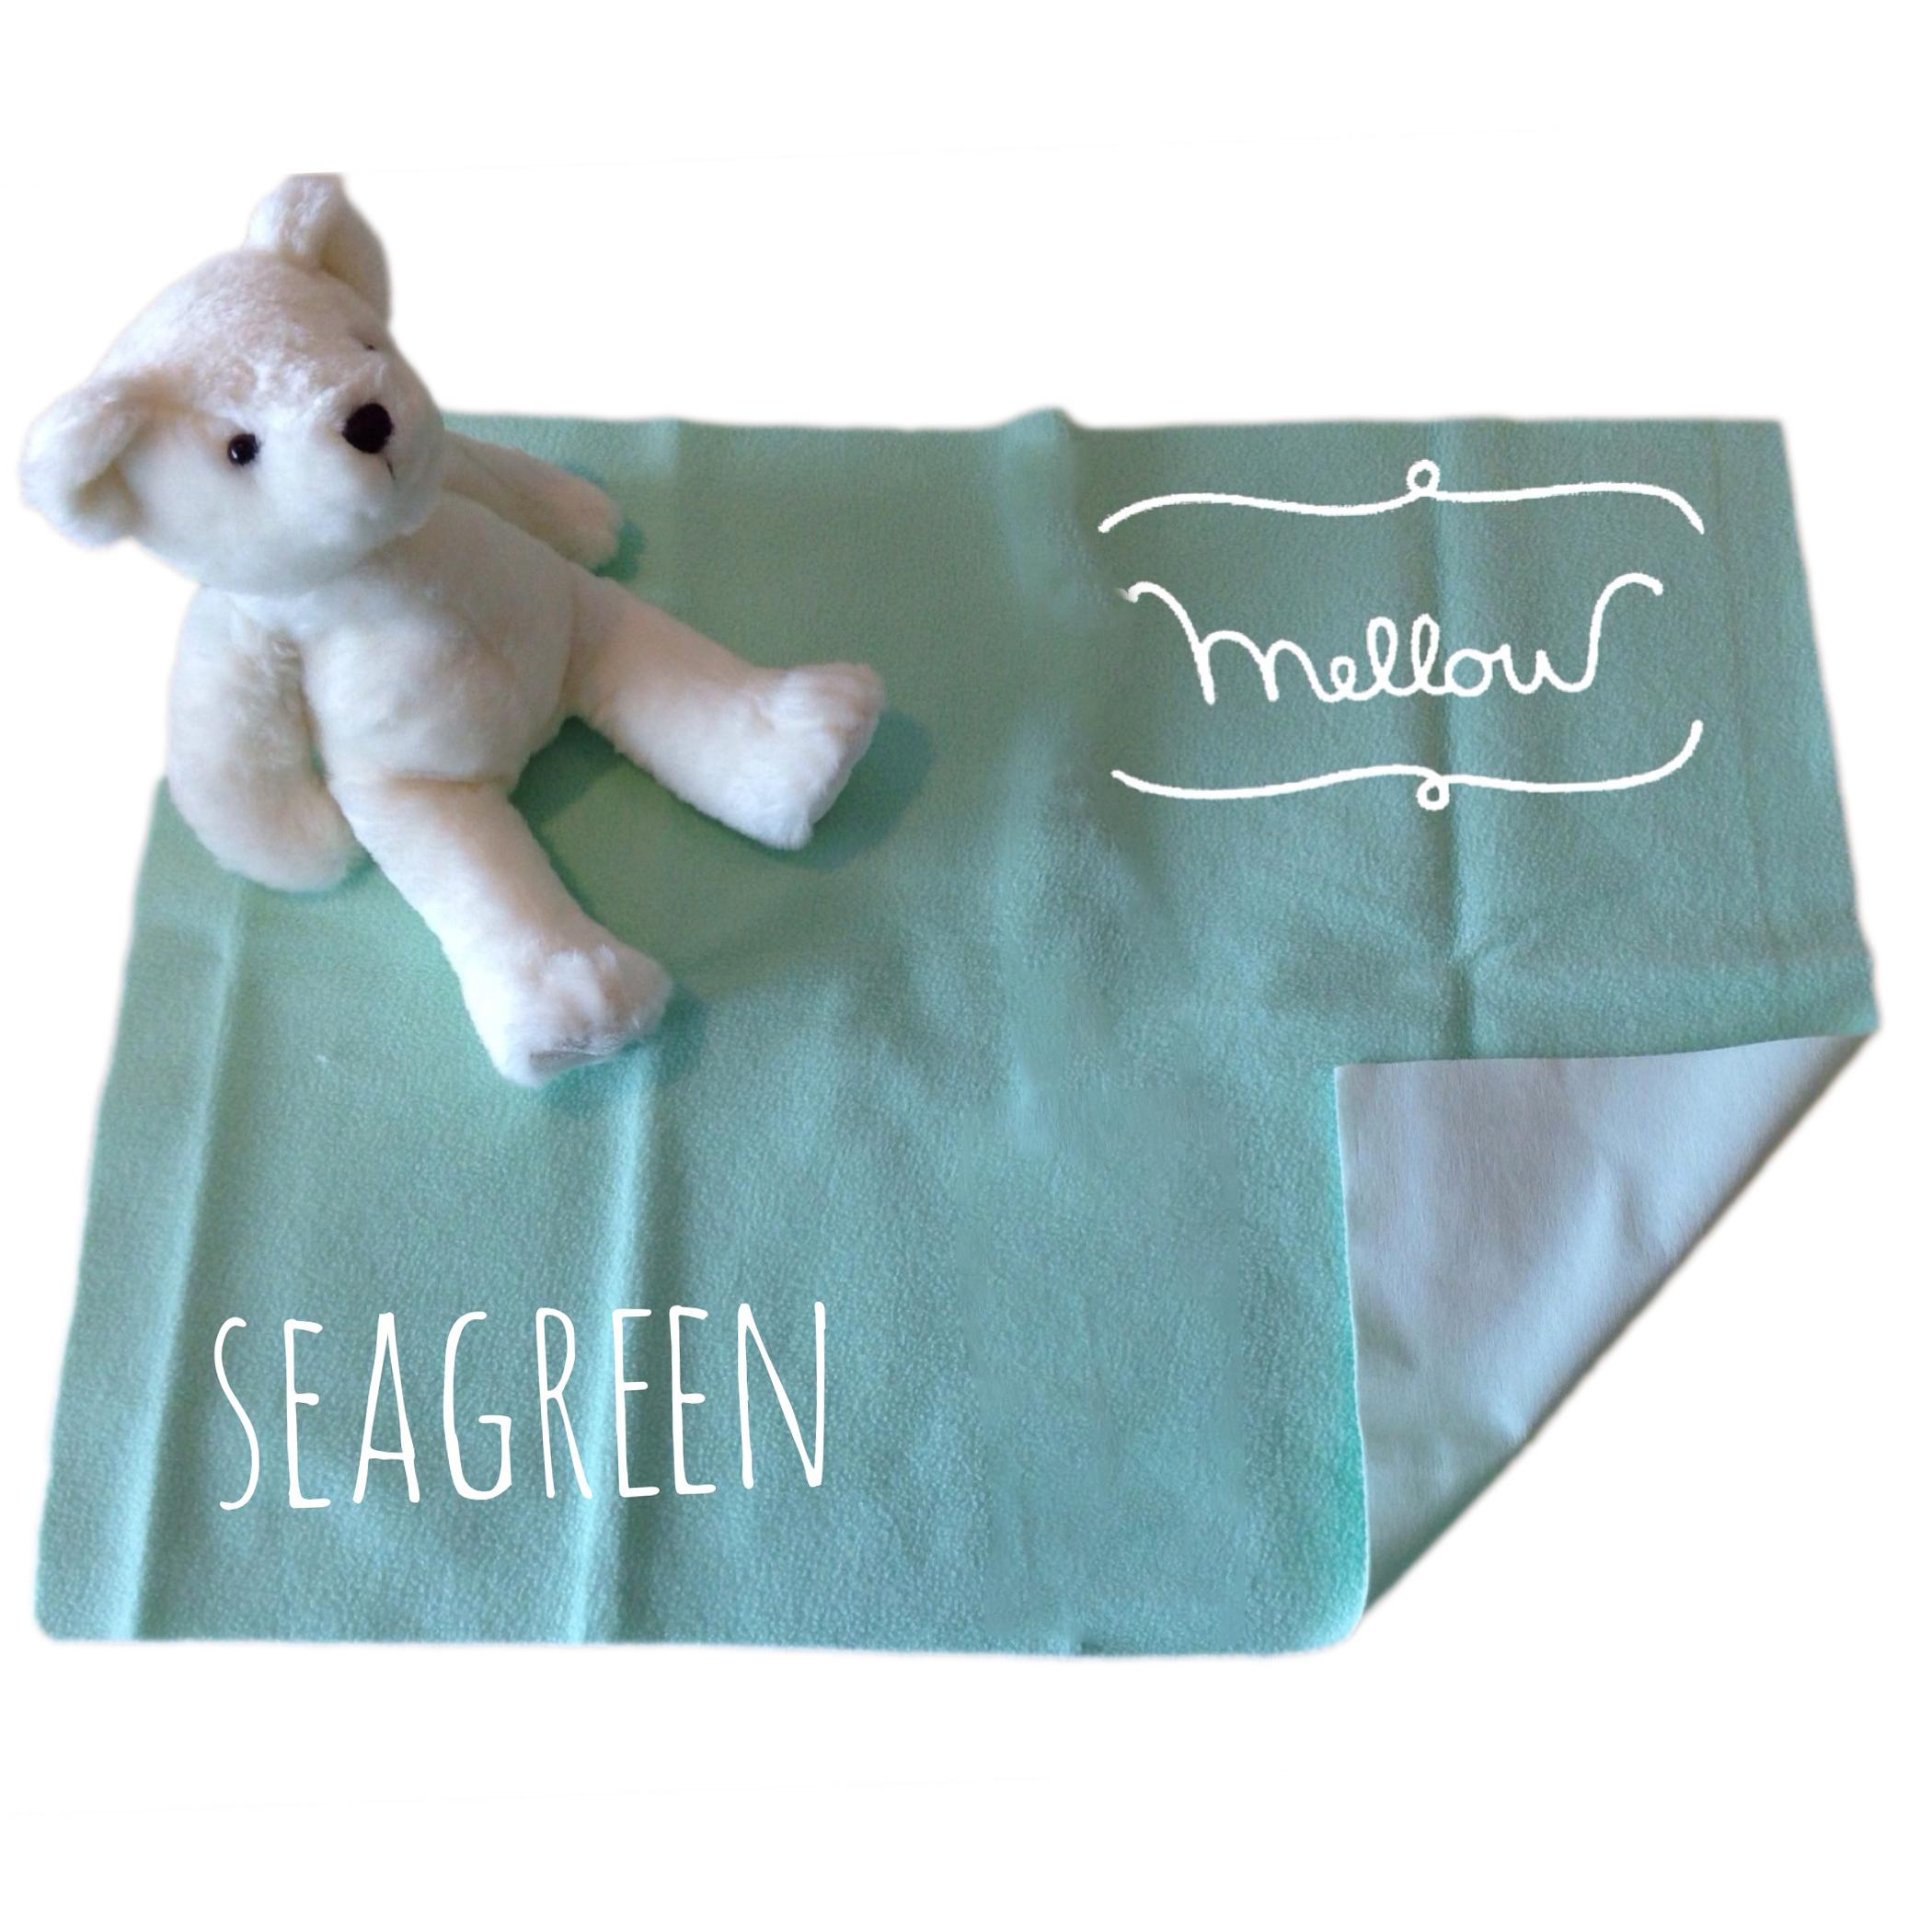 ผ้ารองกันฉี่ Mellow Quick dry SIZE S Seagreen